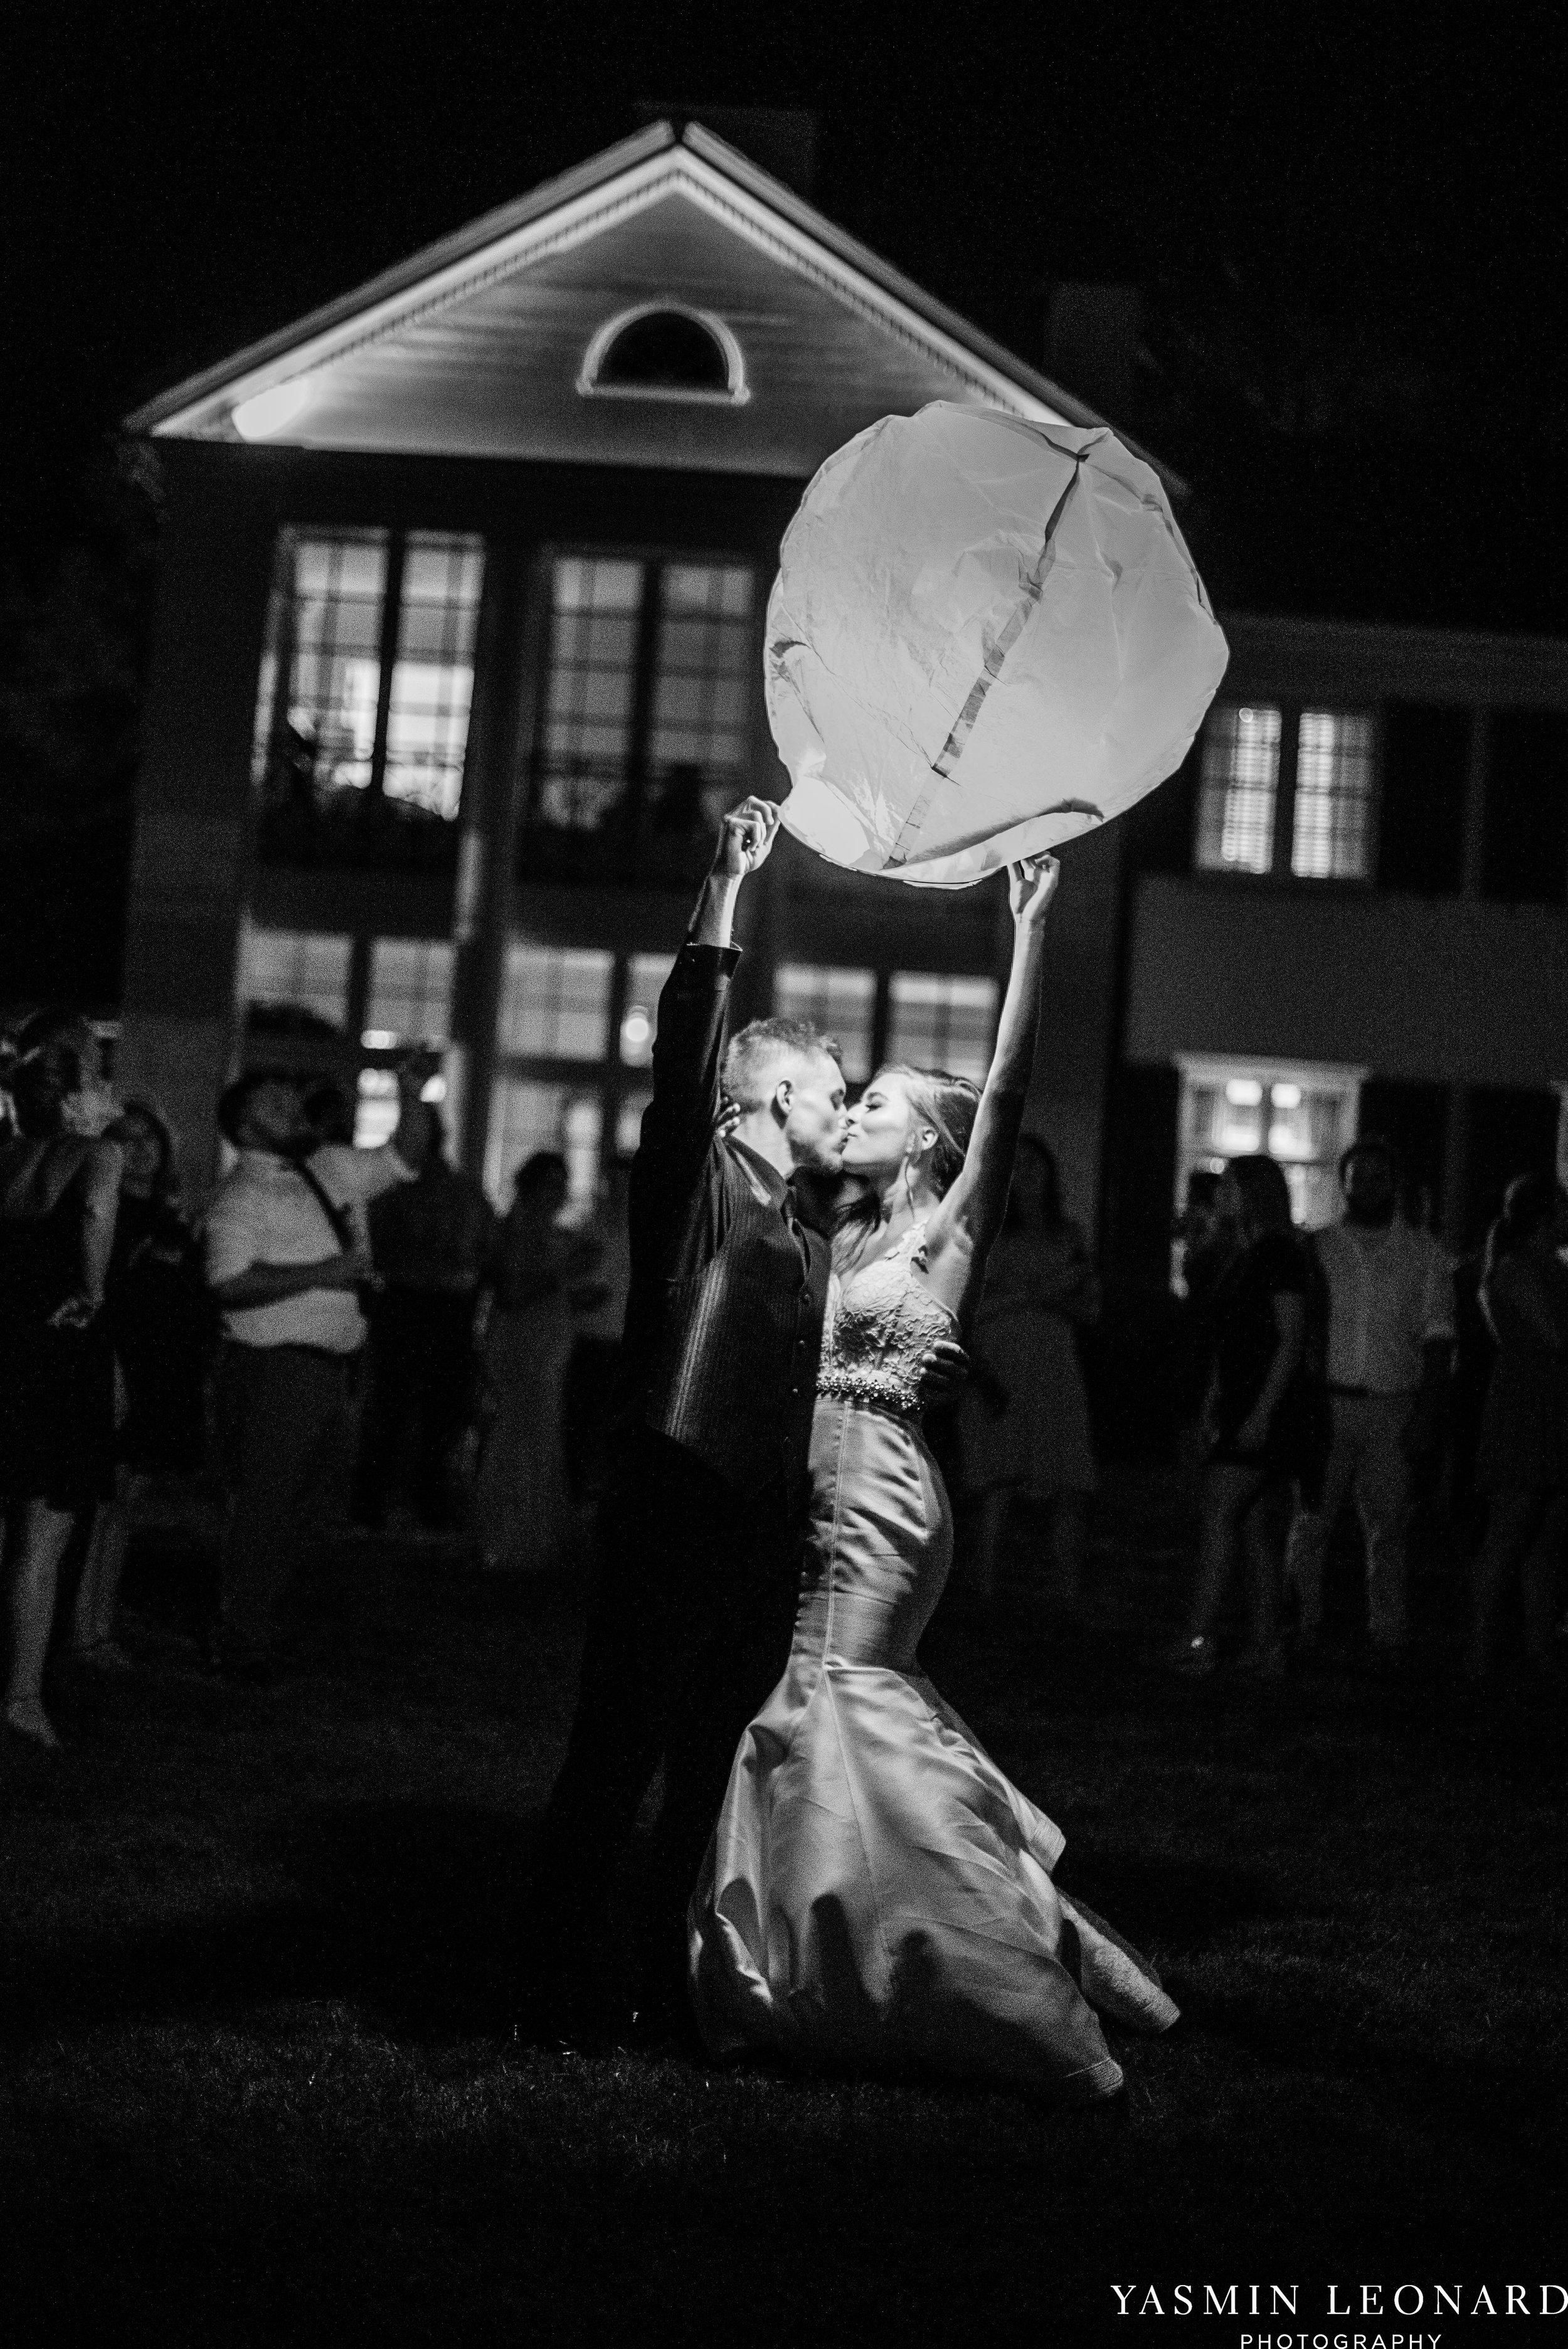 Boxwood Estate - Boxwood Estate Wedding - Luxury Wedding - Black and White Wedding - NC Wedding Venues - NC Weddings - NC Photographer - Lantern Release Grand Exit - Large Wedding Party - Yasmin Leonard Photography-91.jpg